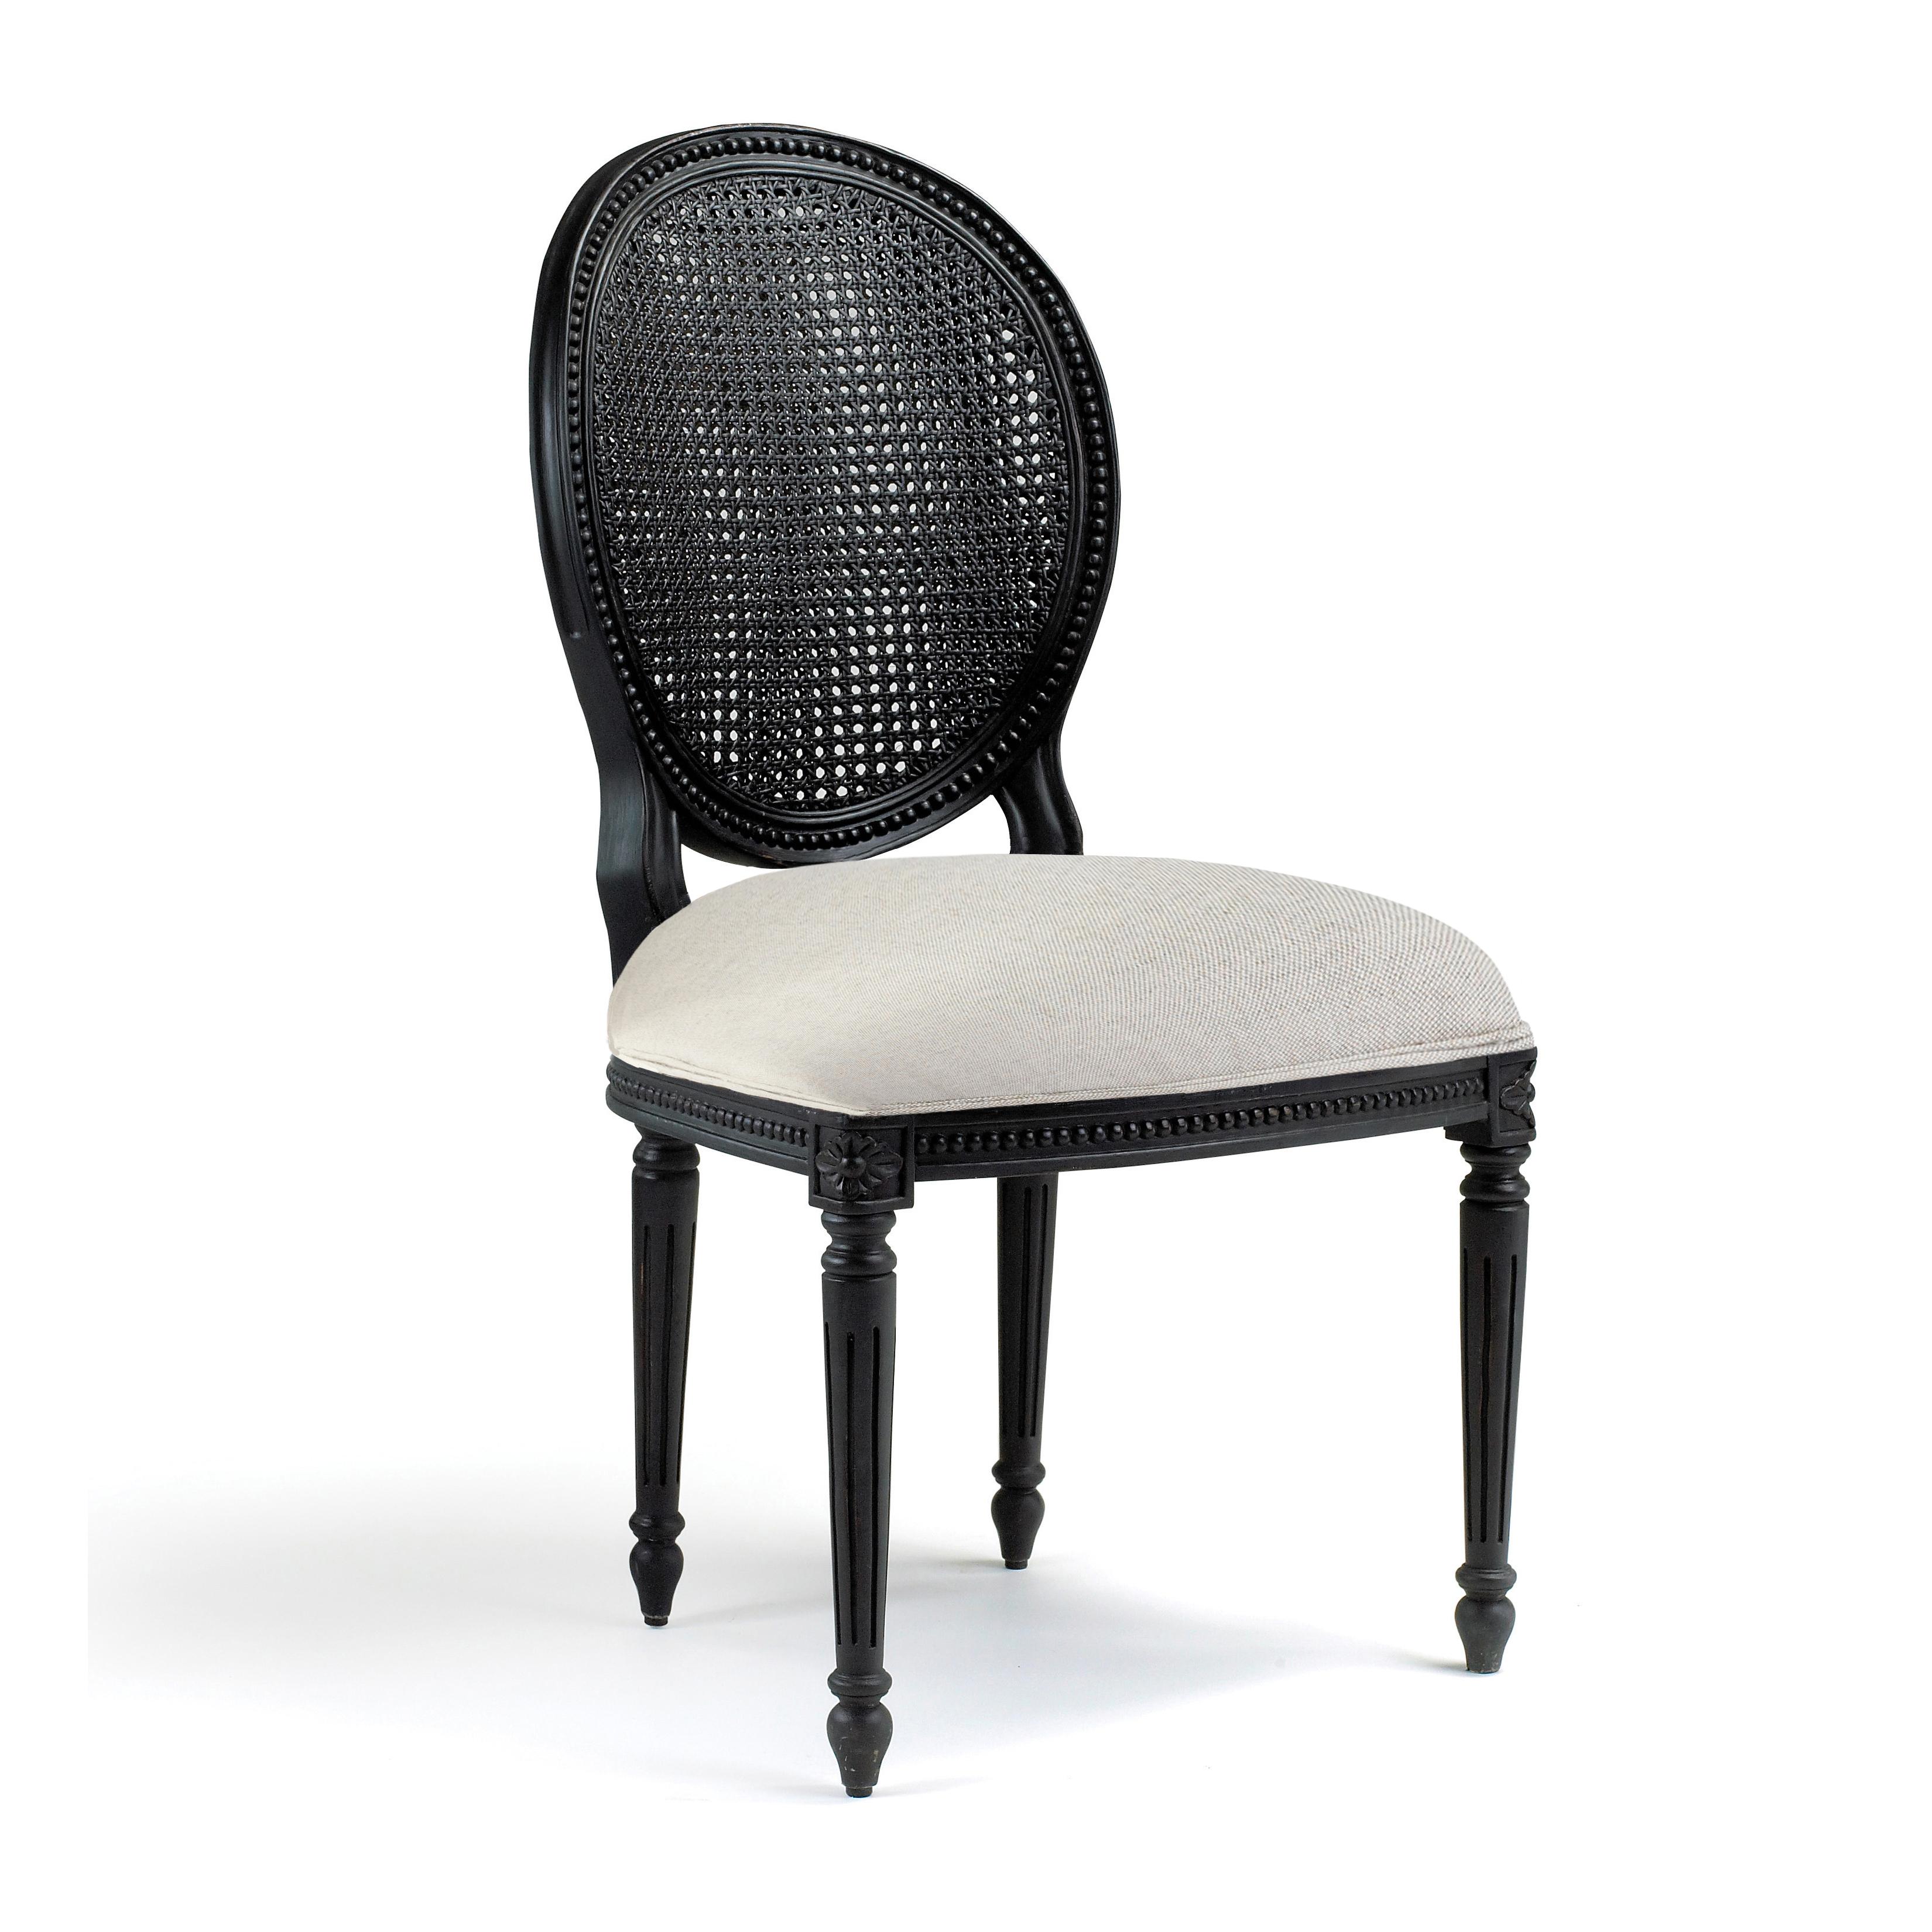 Provencal Cane Back Chair – Alden Parkes